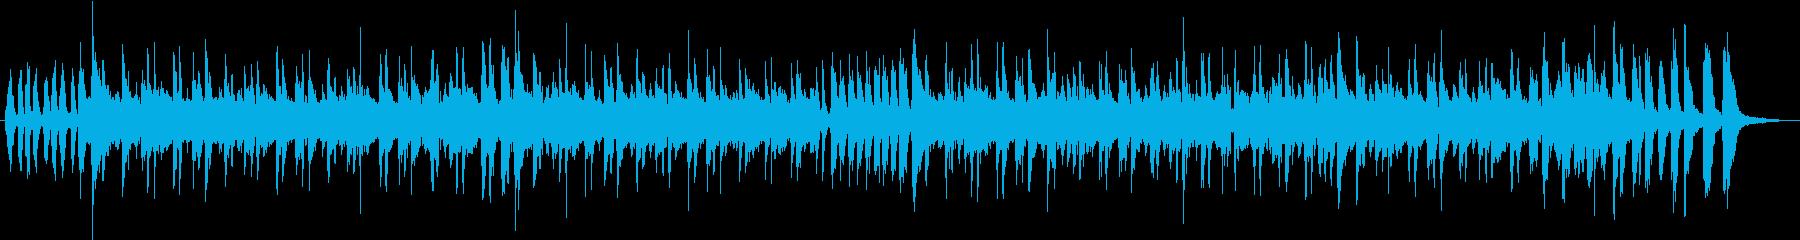 スチールパンのカリビアンなポップジングルの再生済みの波形